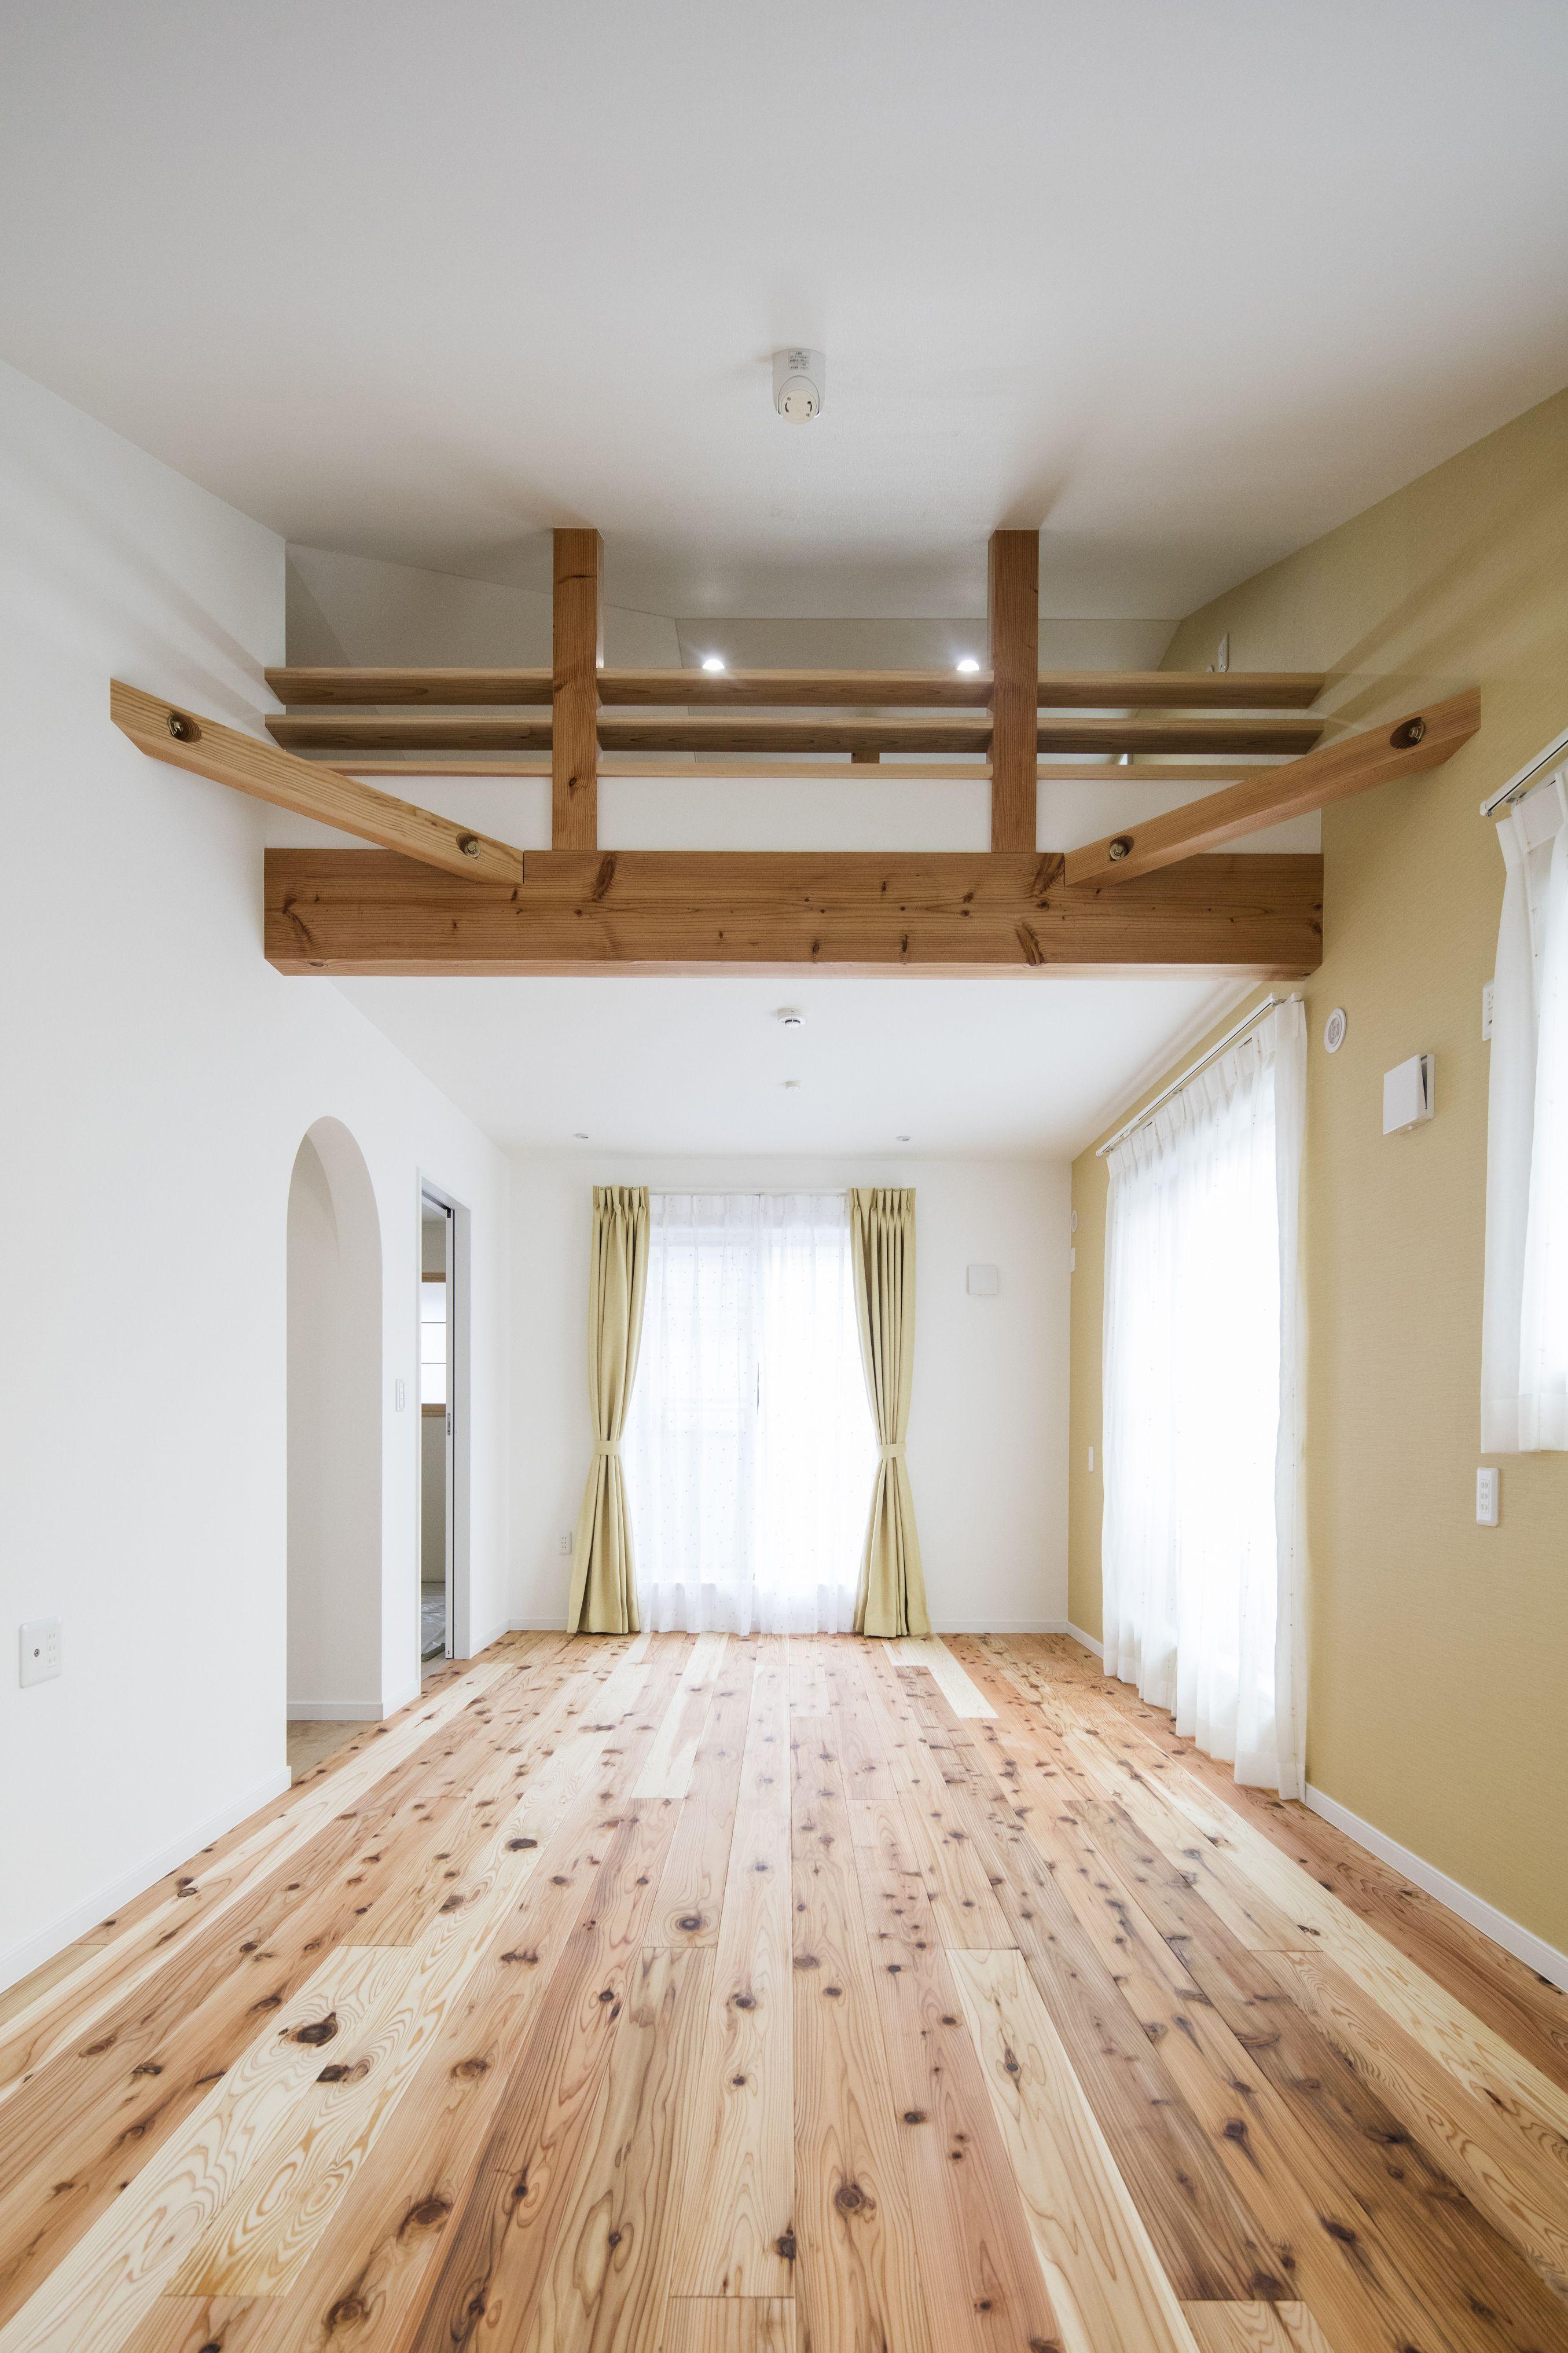 屋根の形状を利用した ロフトのある開放的な洋室 自然素材を